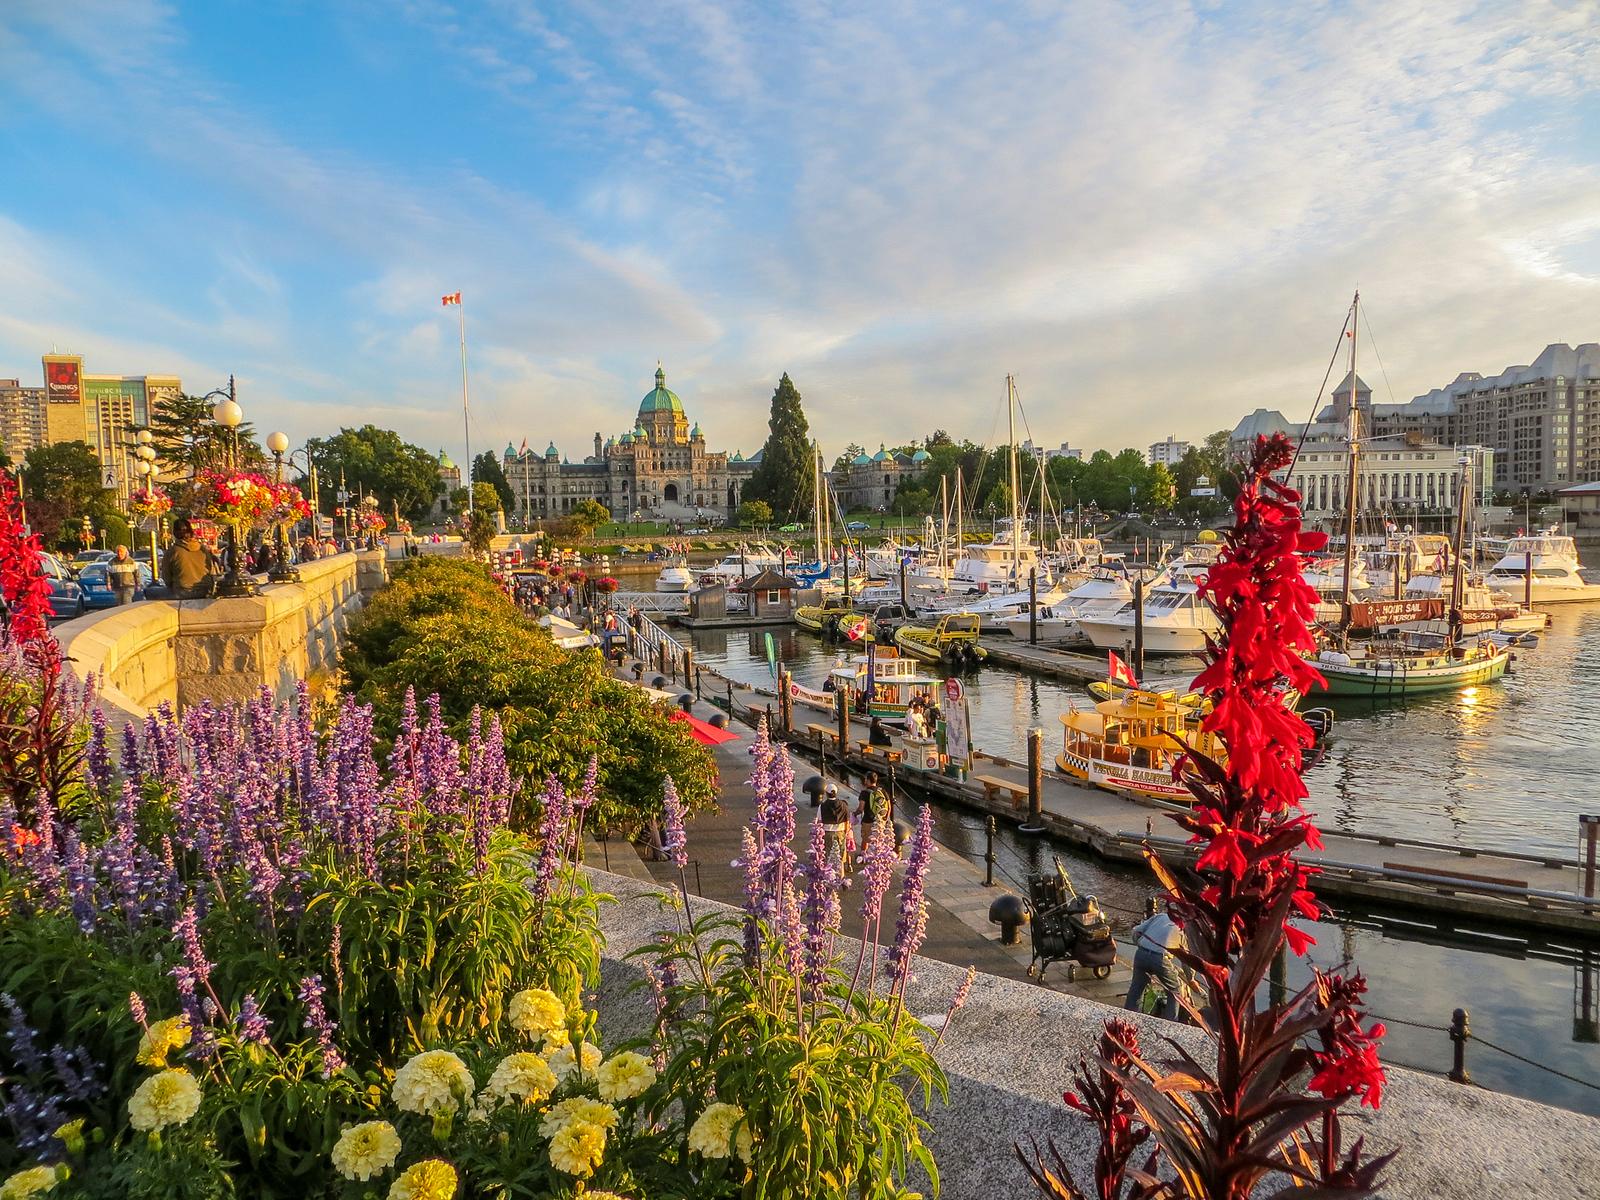 Solo Travel Vancouver Idea: Take a day trip to Victoria